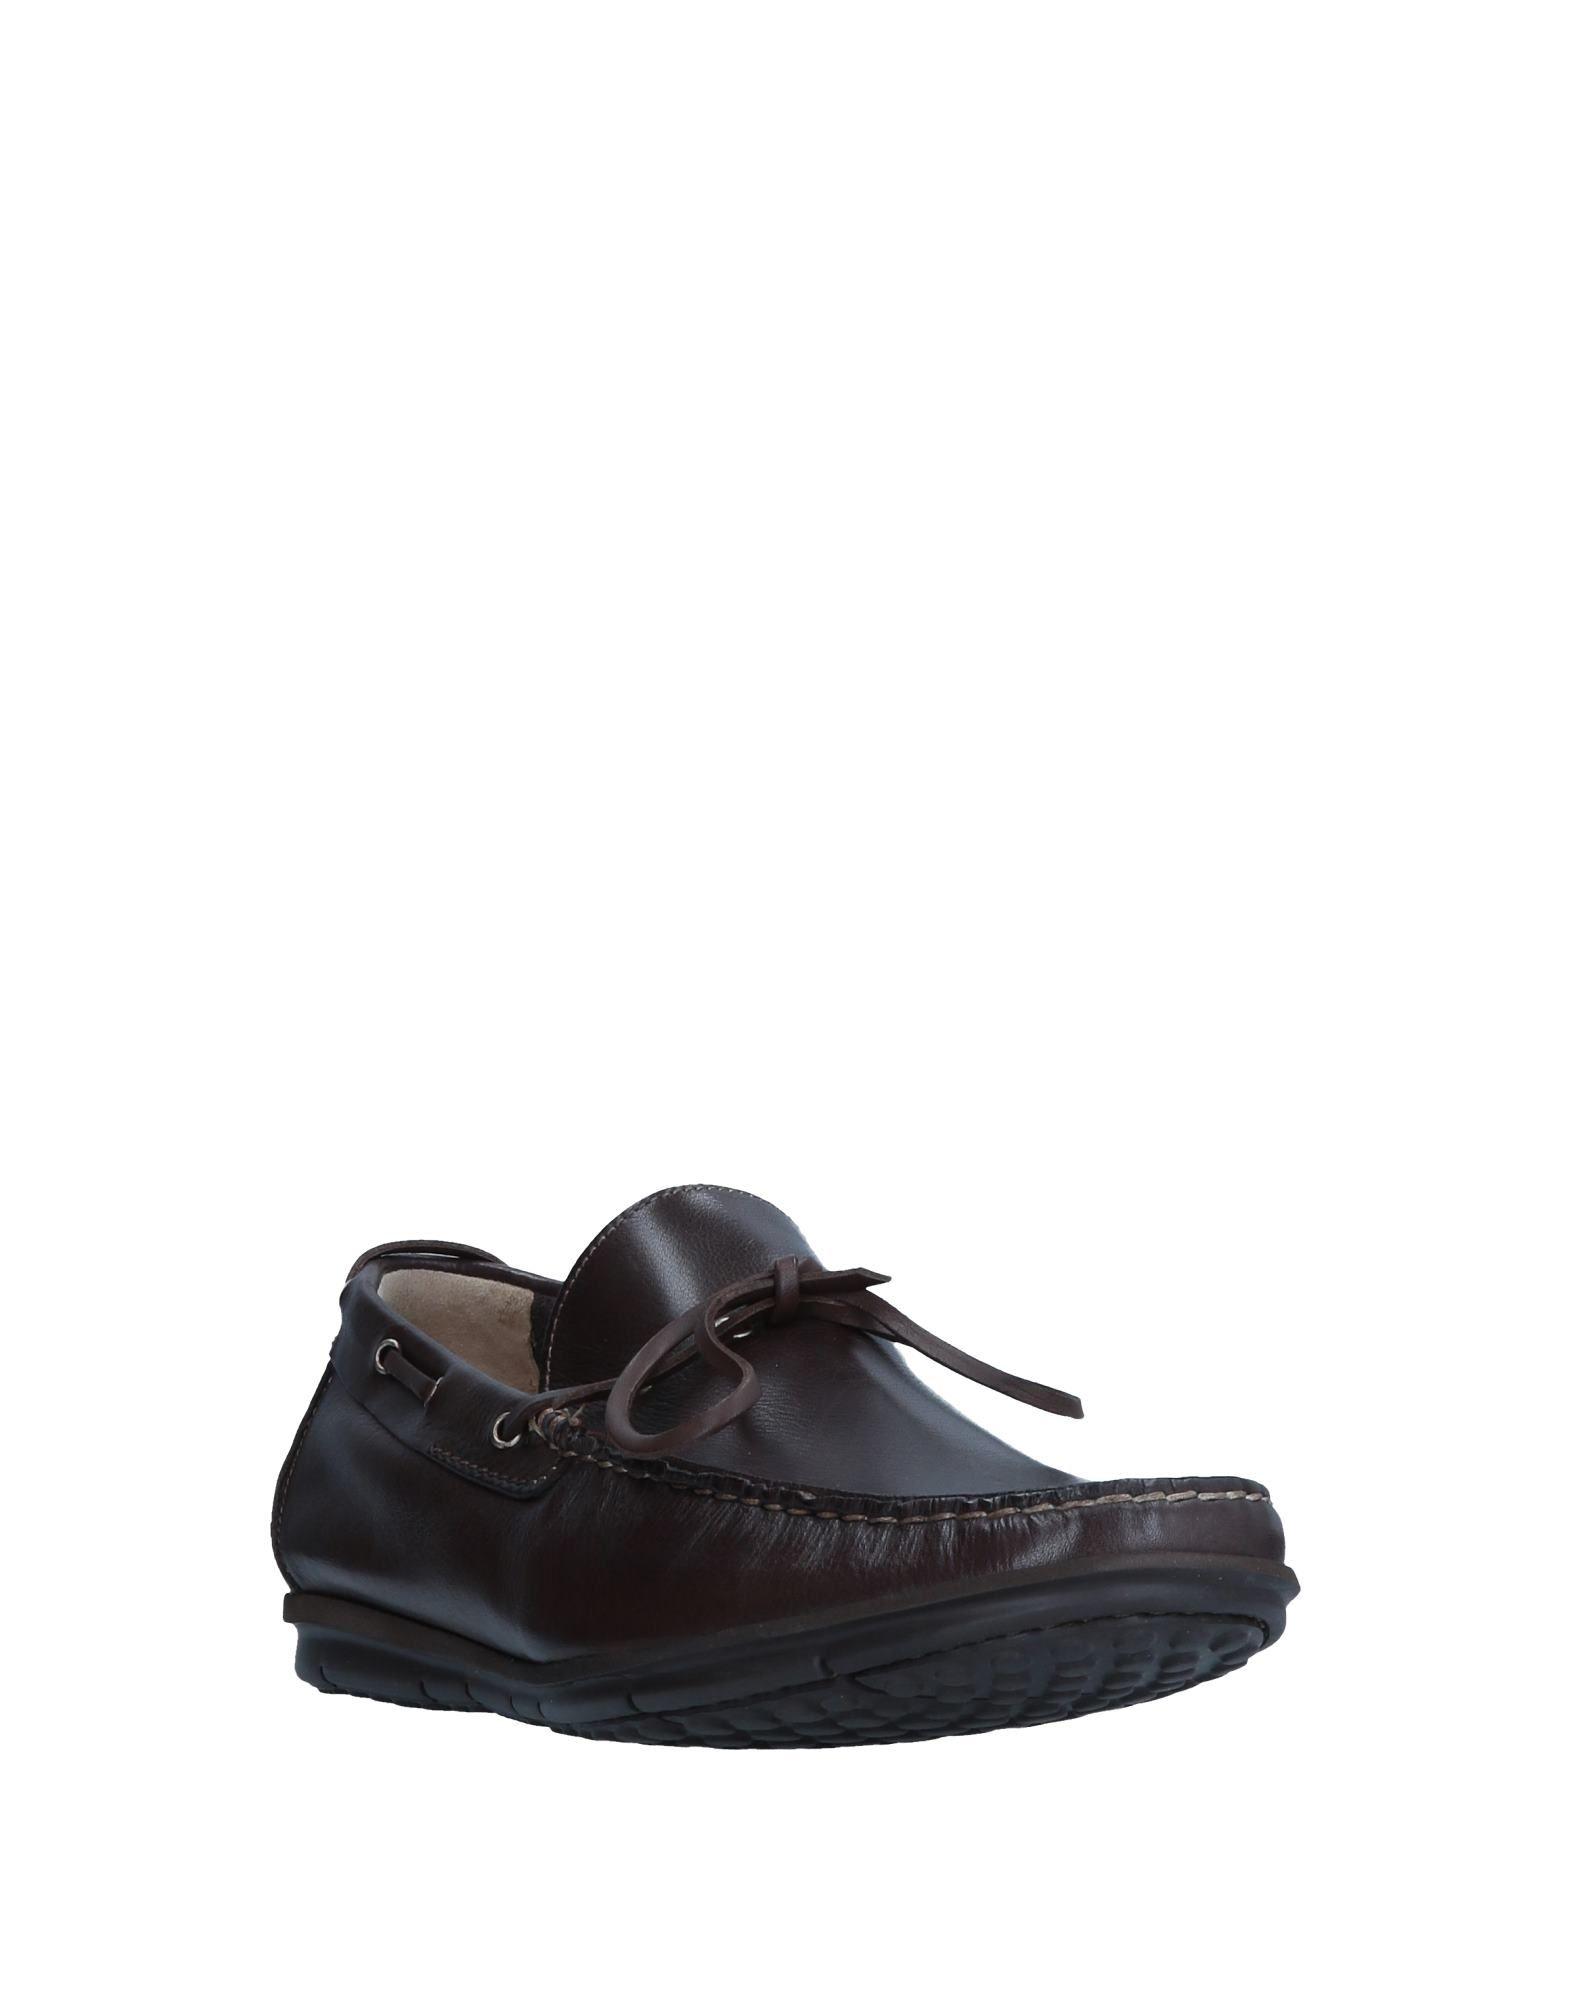 Rabatt Calpierre echte Schuhe Today By Calpierre Rabatt Mokassins Herren  11551614QW 69ce2c